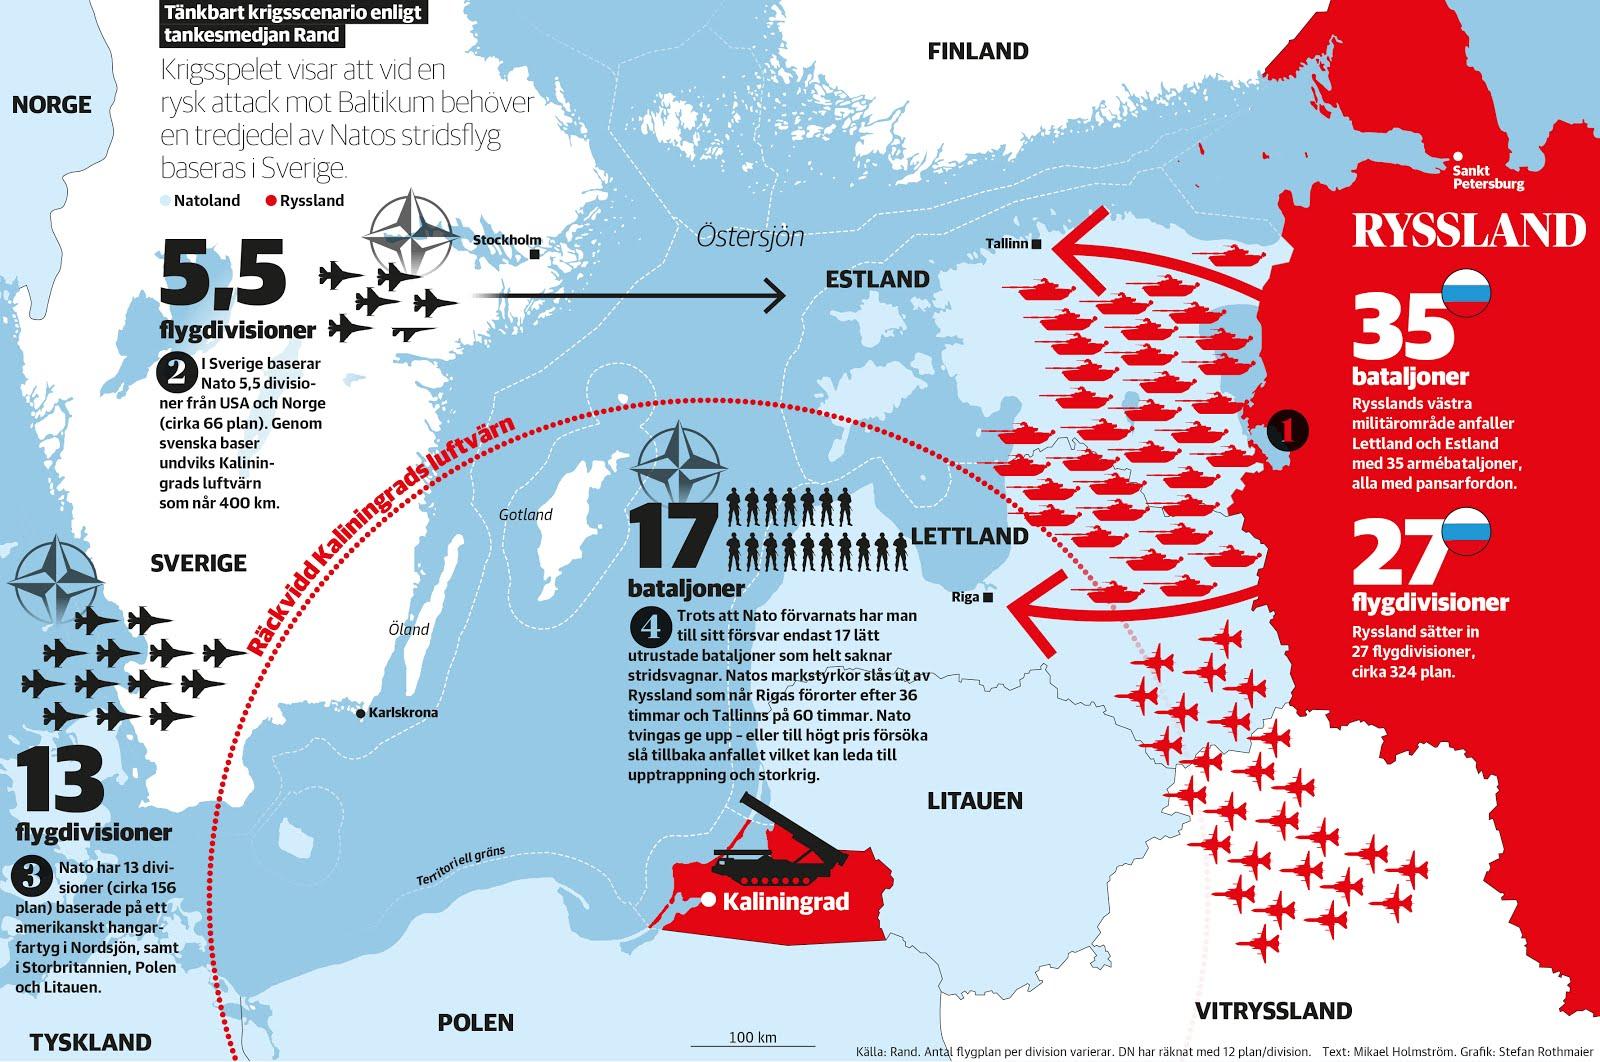 Till rysslands forsvar